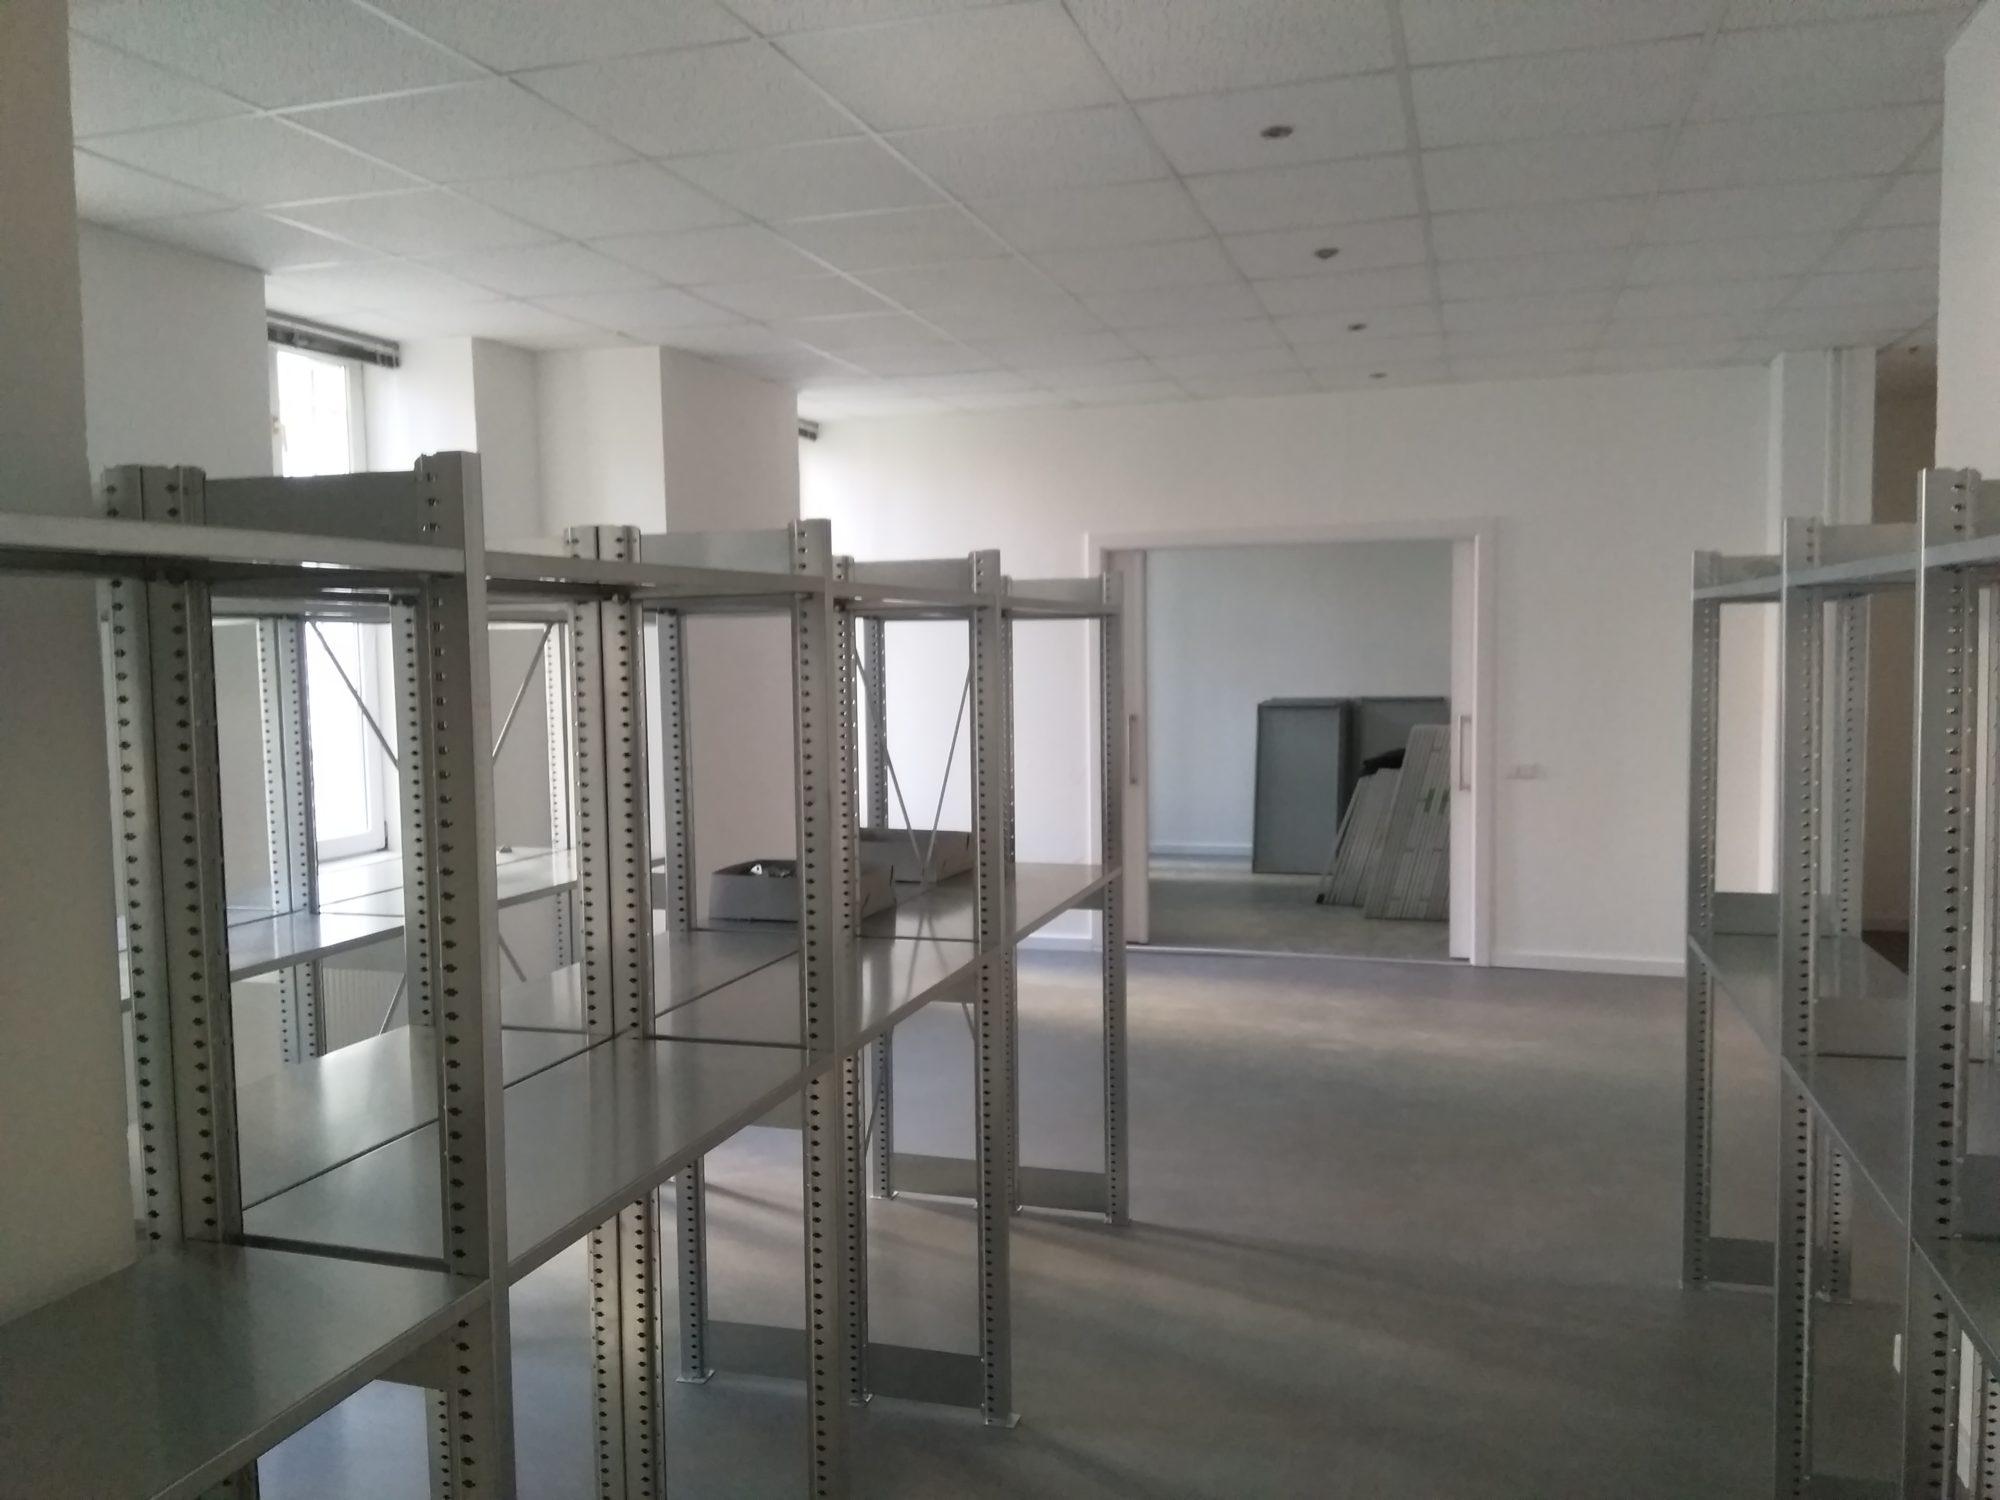 Leere Metallregale und weiße Wände - die neuen Archivräumlichkeiten.